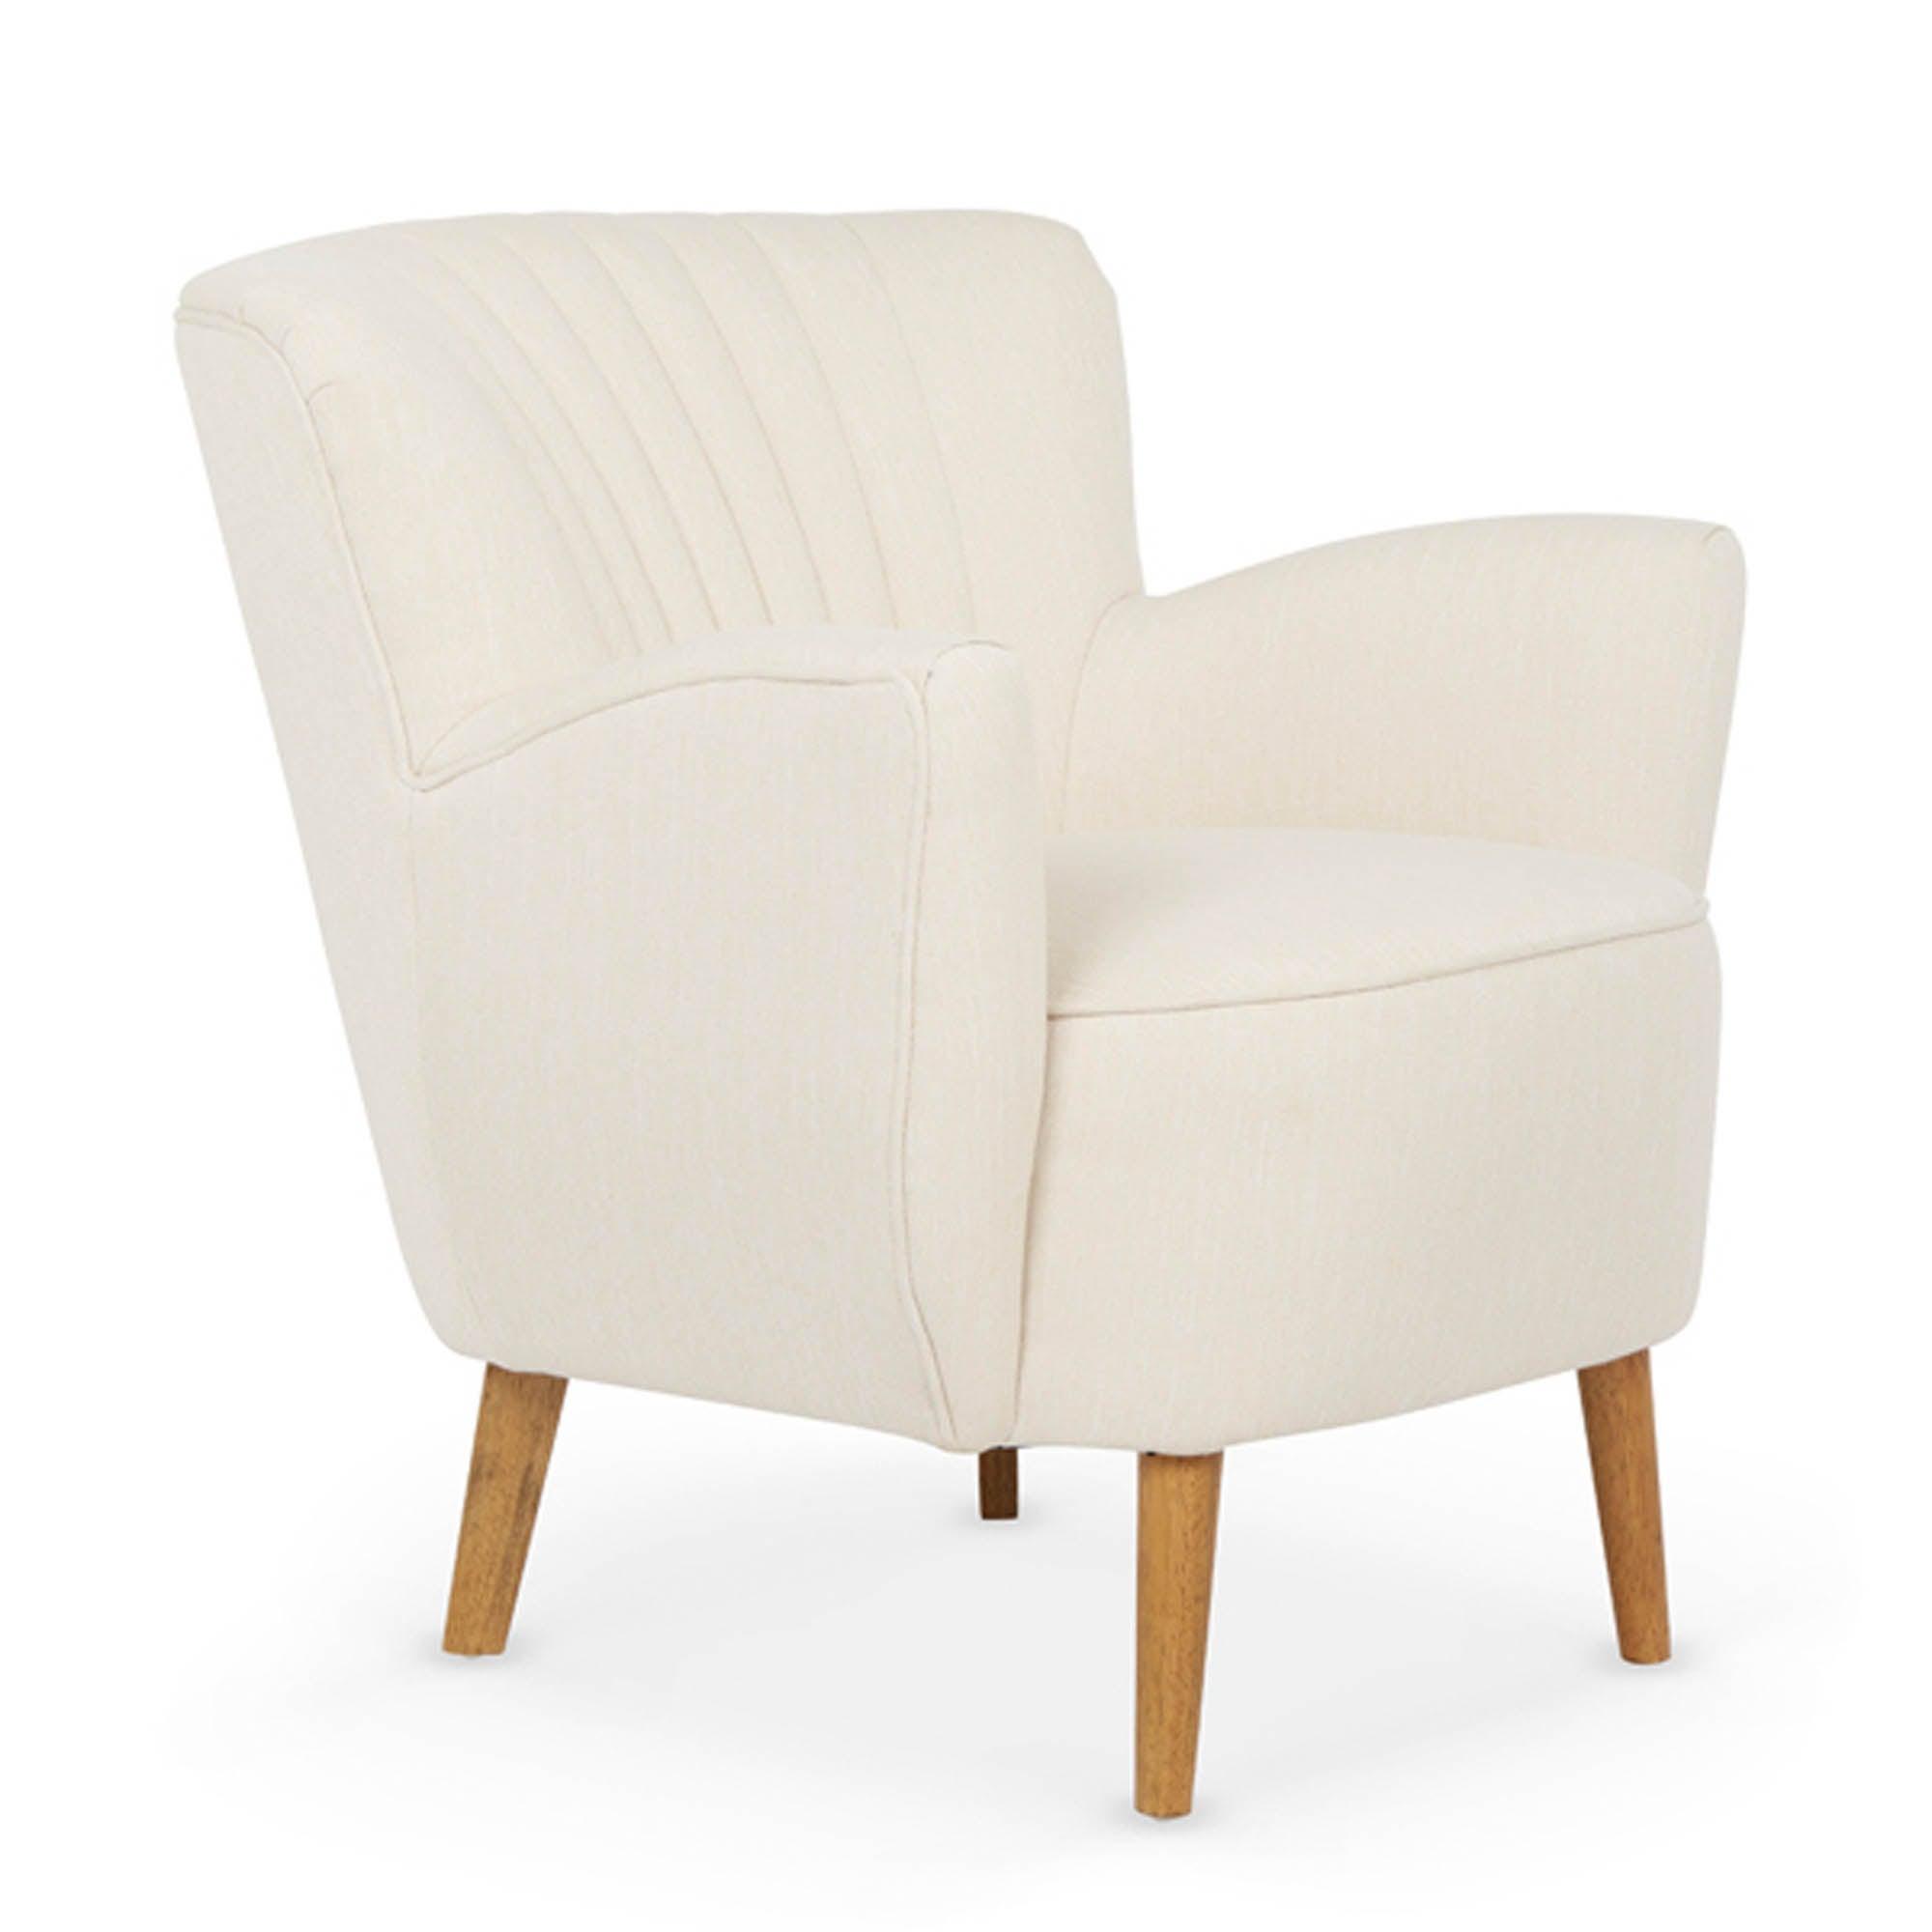 Alloa Soft Cream Tub Chair Cream (Natural)